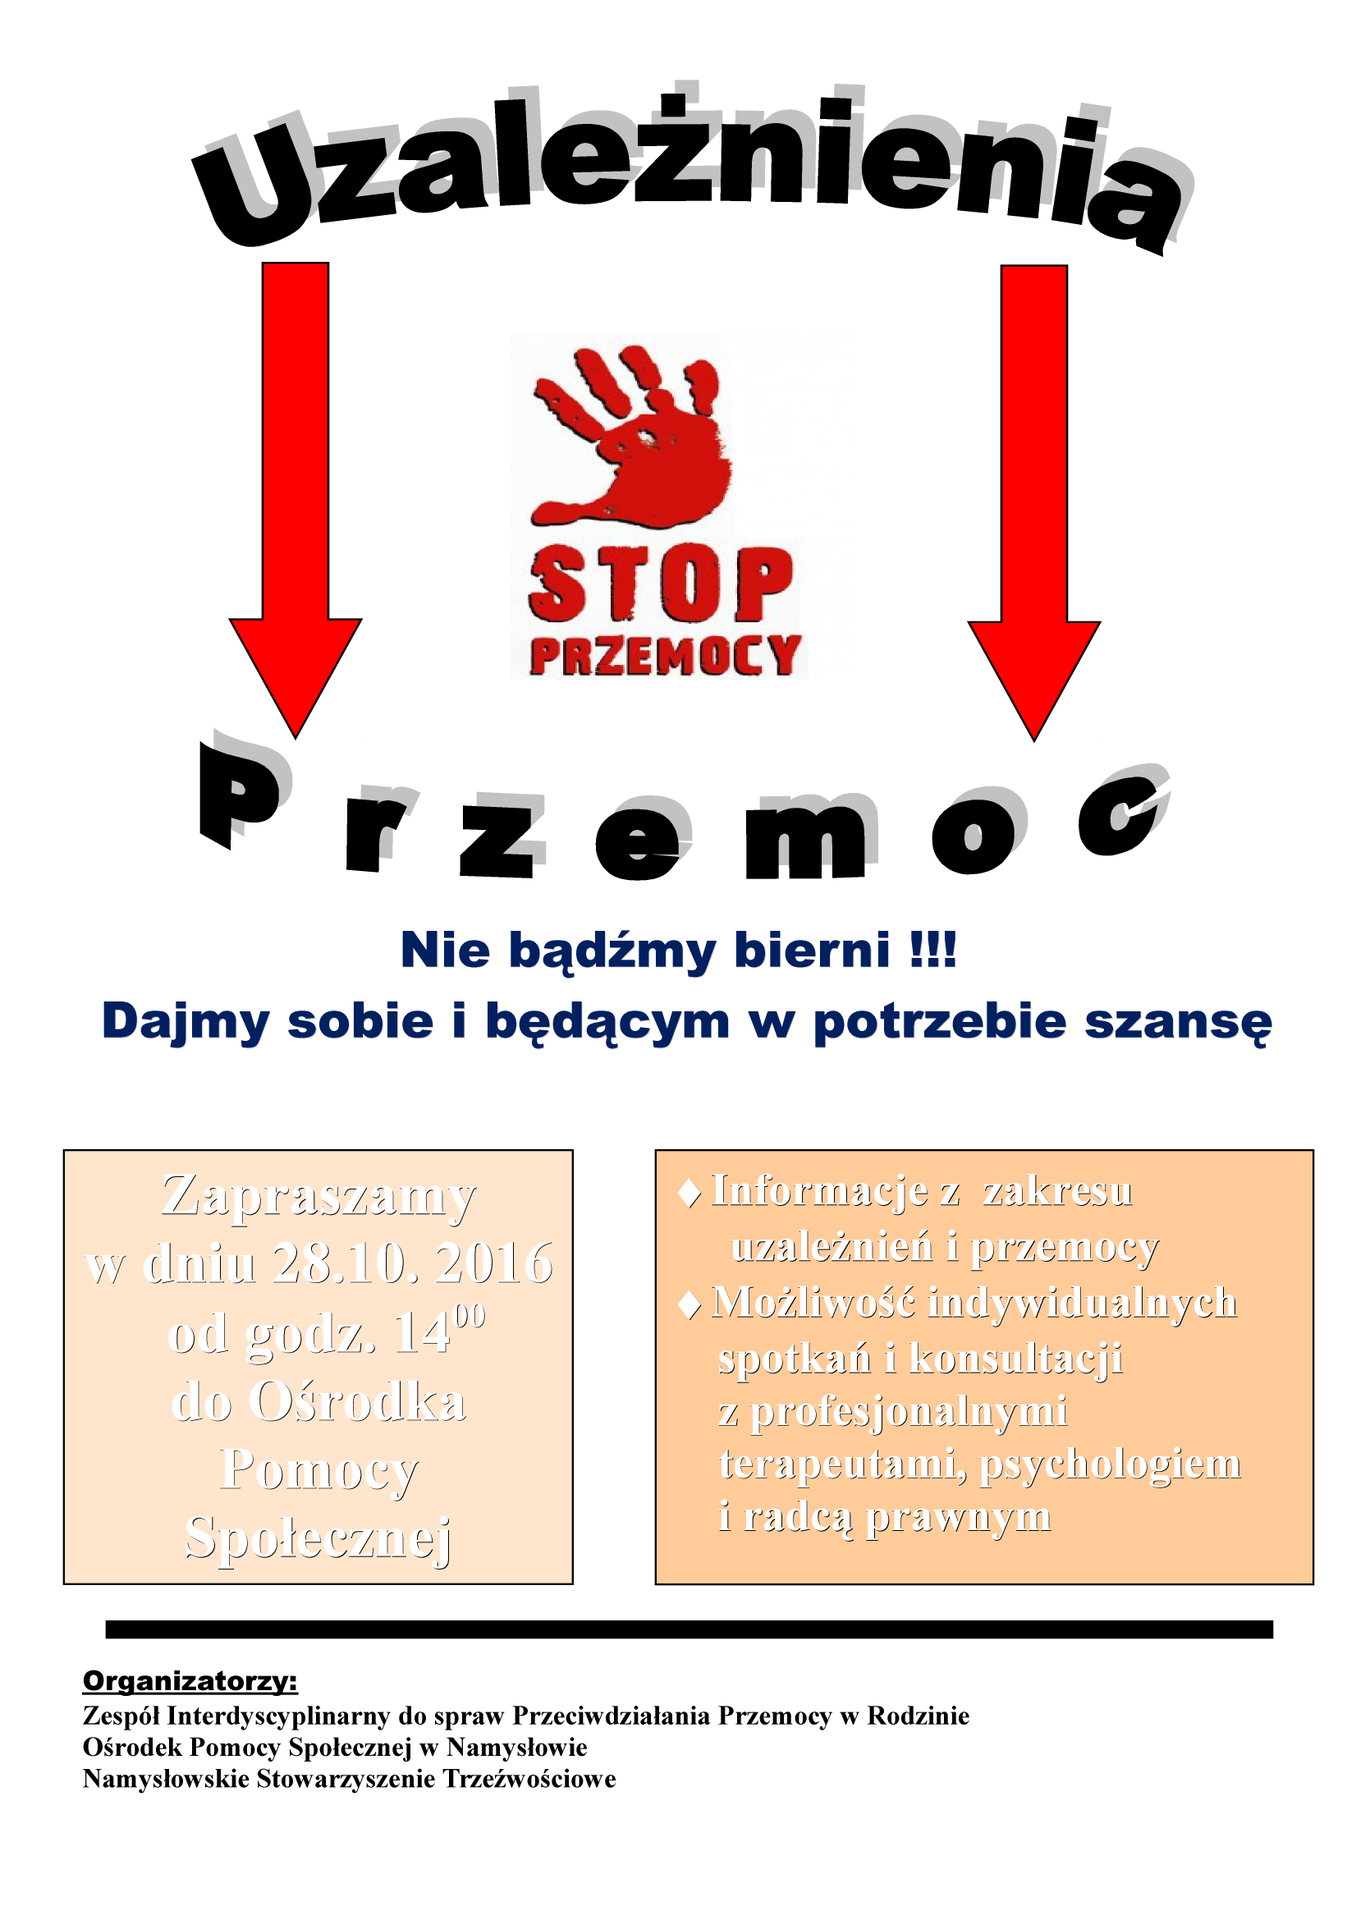 PRZEMOC-1.jpeg